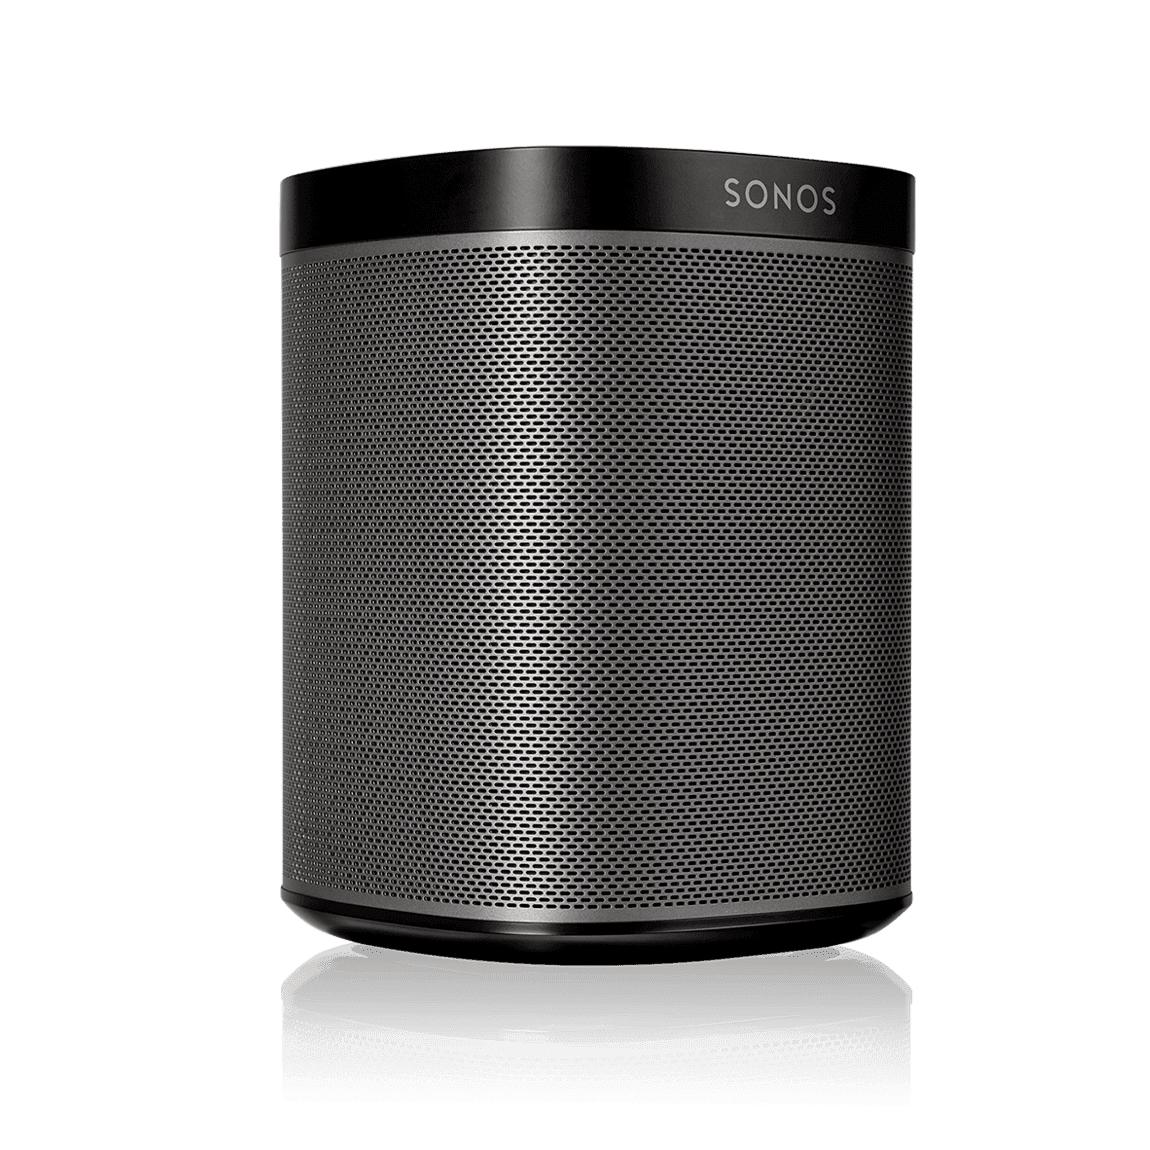 [Vattenfall-Kunden] Sonos Play:1 für 179€ inkl. Versand